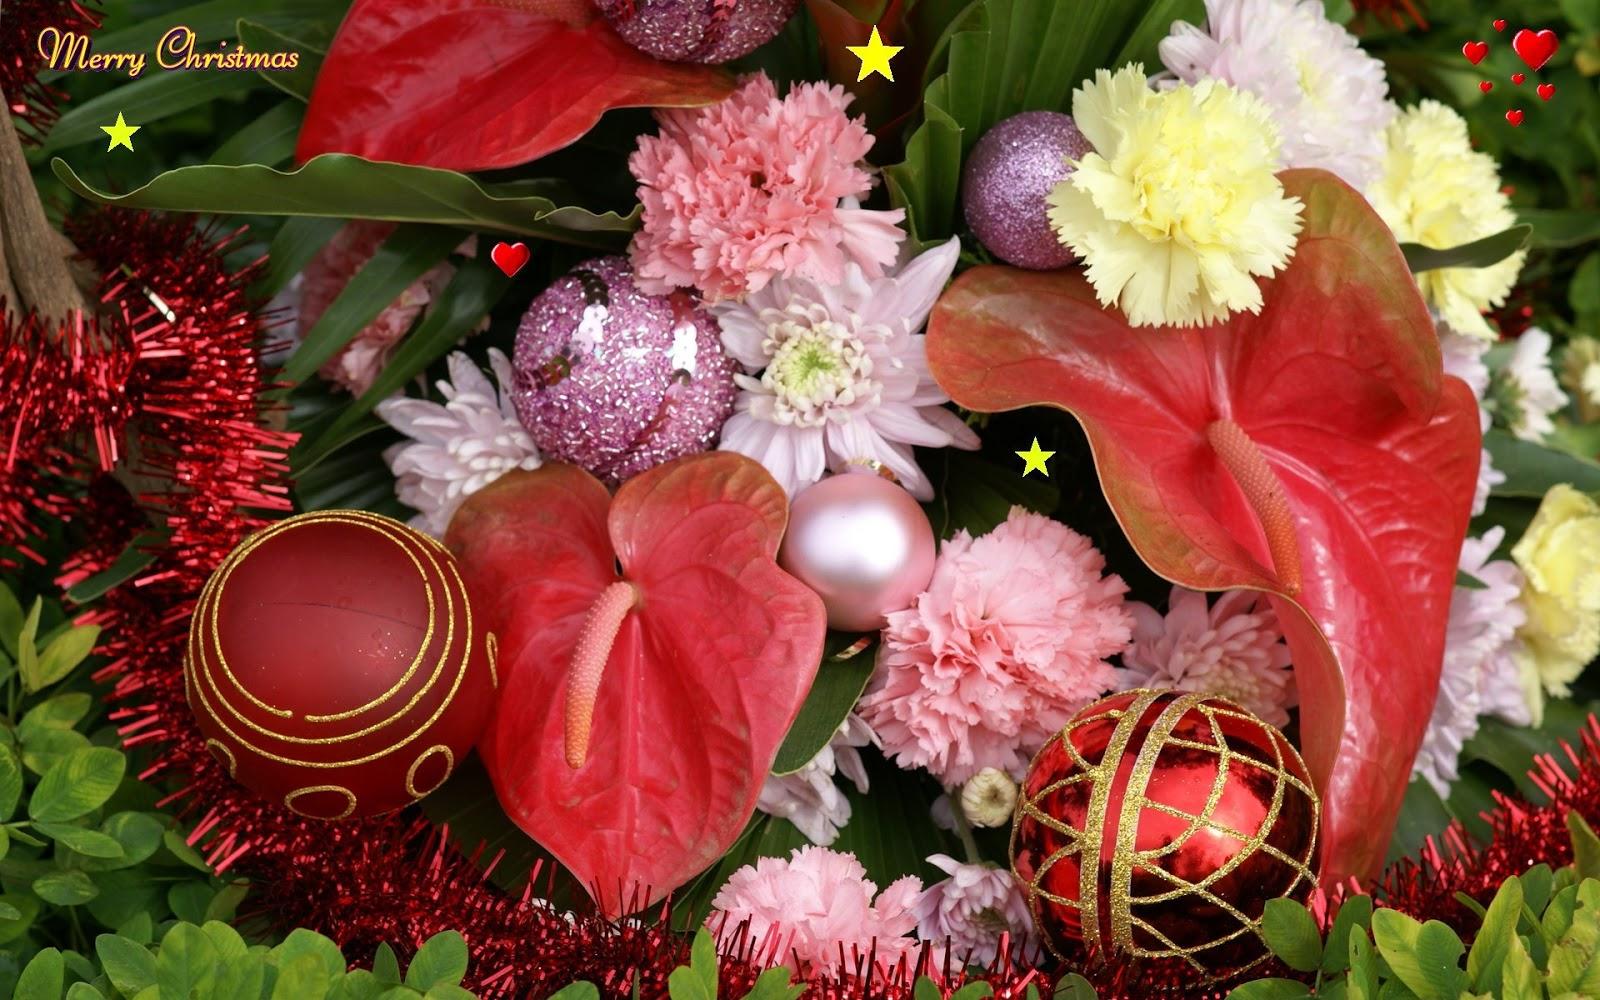 http://2.bp.blogspot.com/-osTFndCP5rM/UMLWiQsATEI/AAAAAAAAGYU/9z8dereSmPg/s1600/hd+wide+screen+christmas+wallpaper.jpg